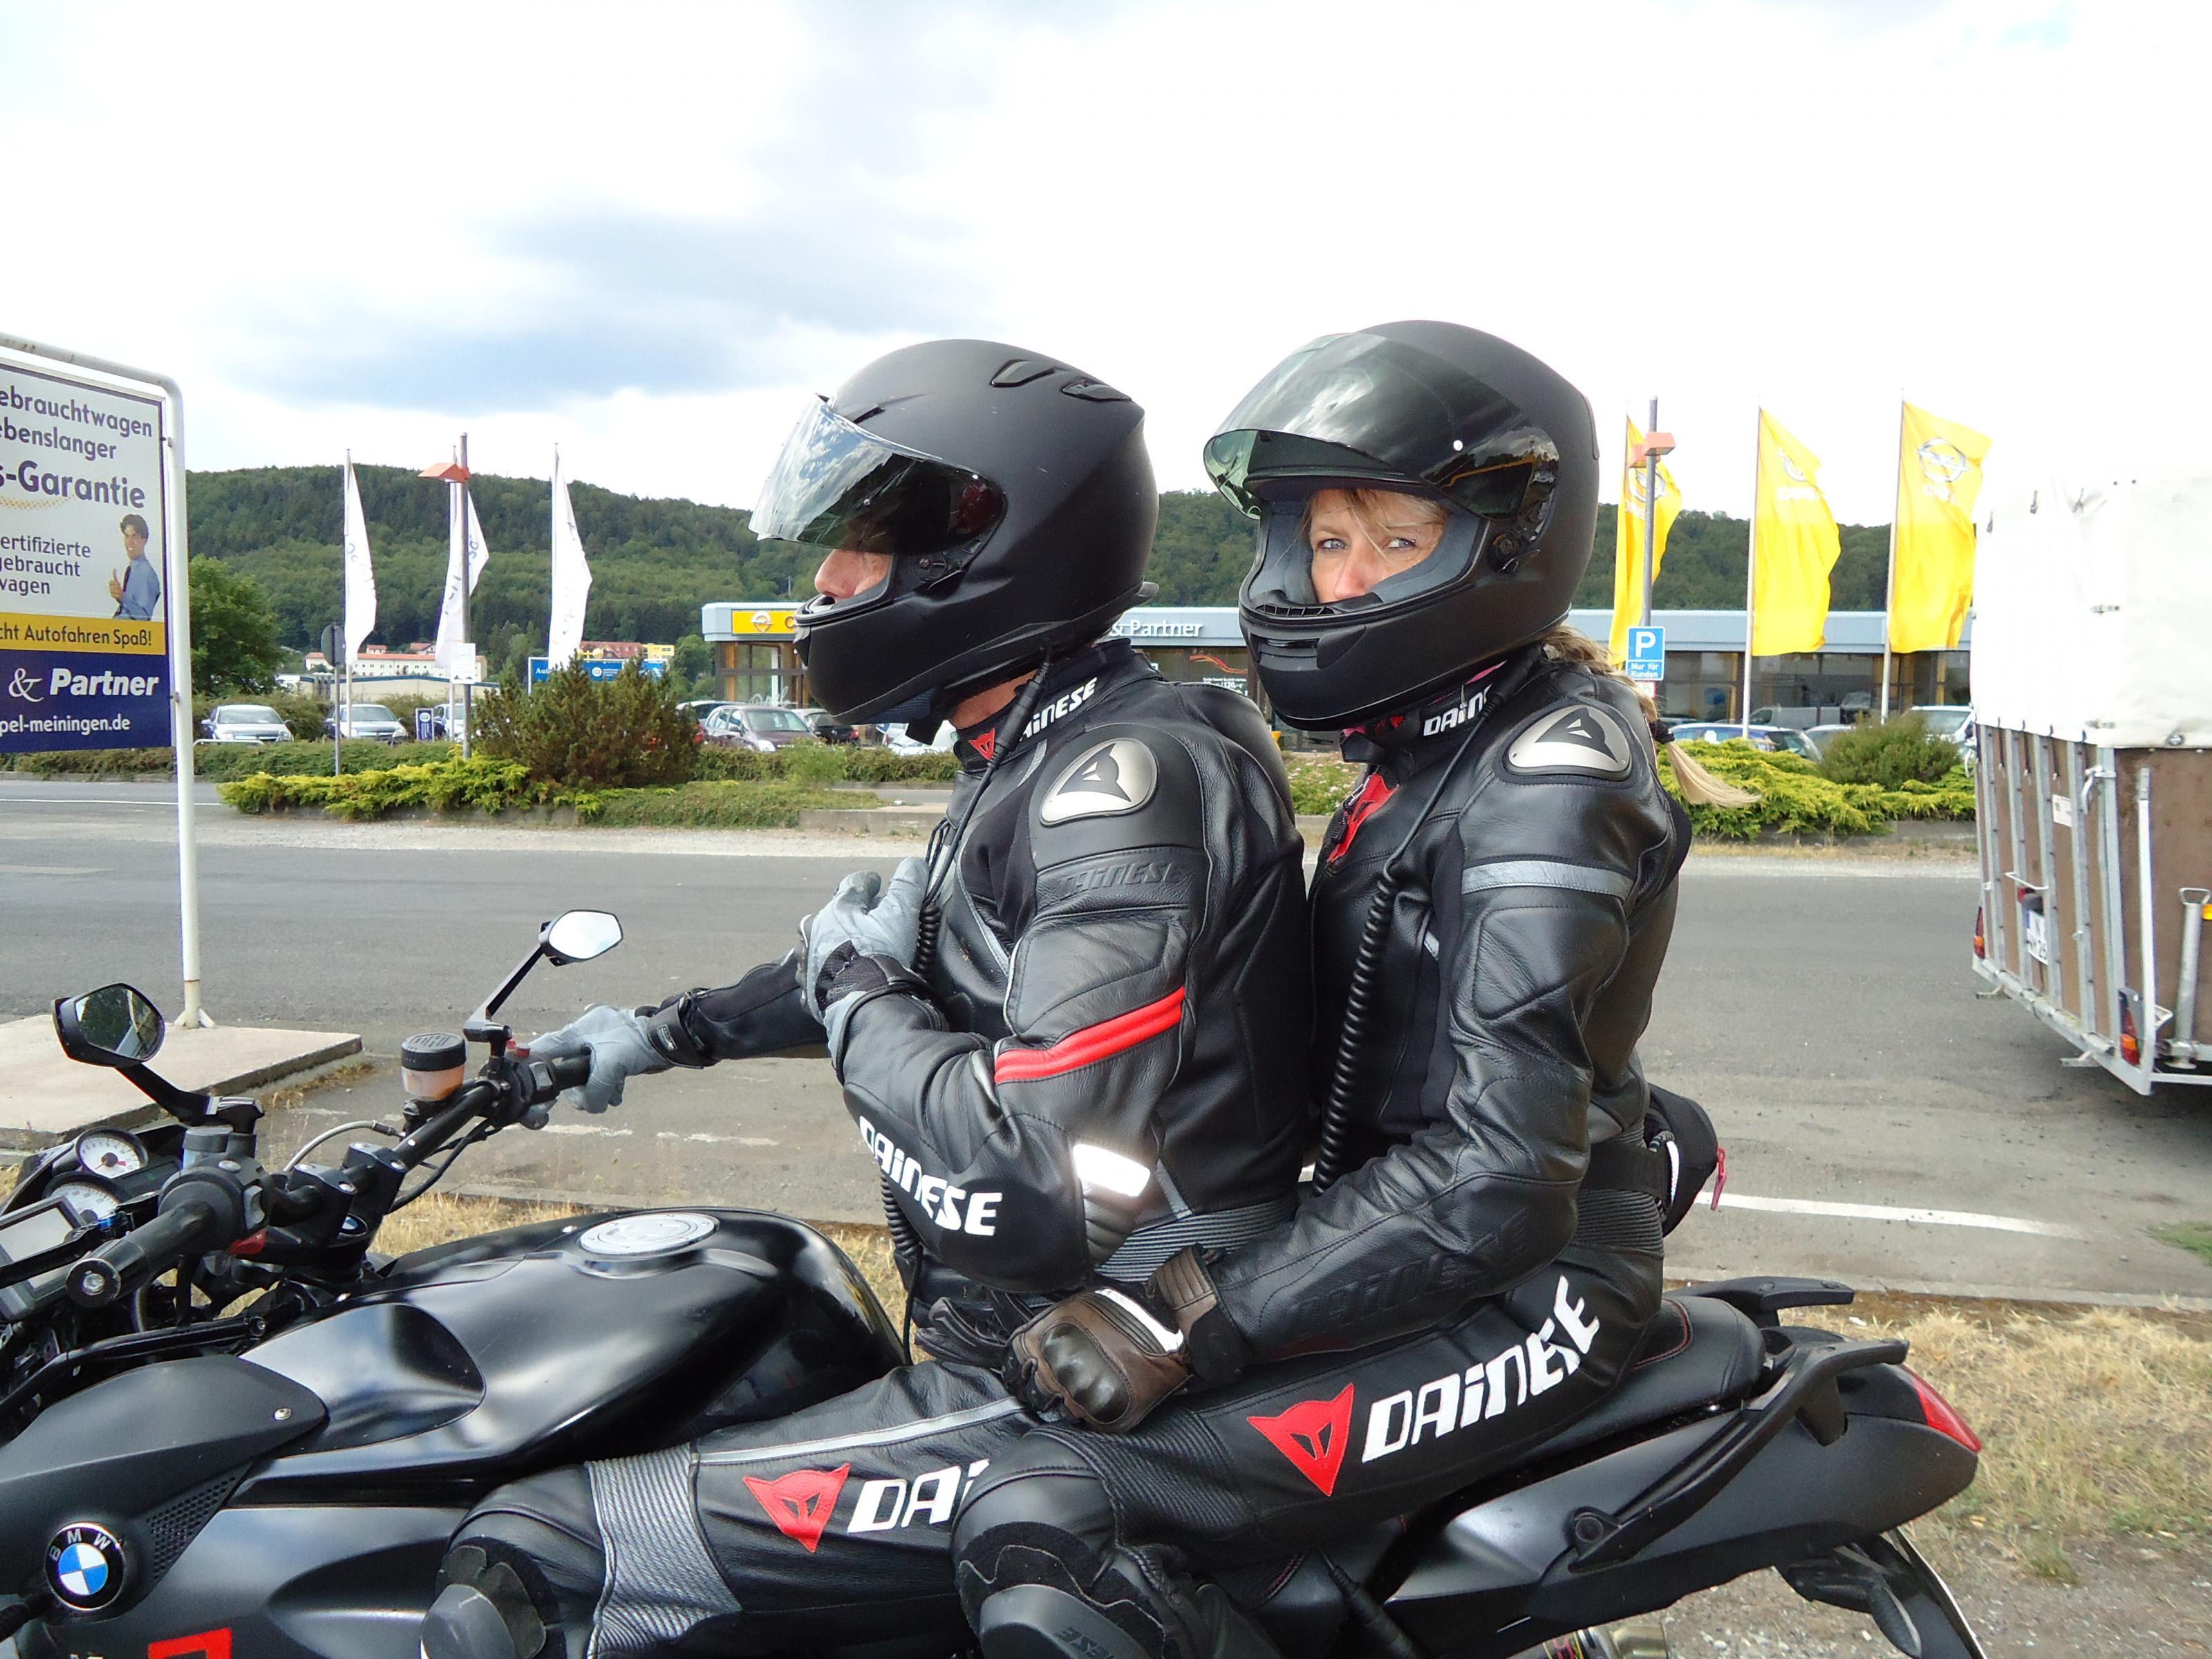 Ducati Racing Motorbike